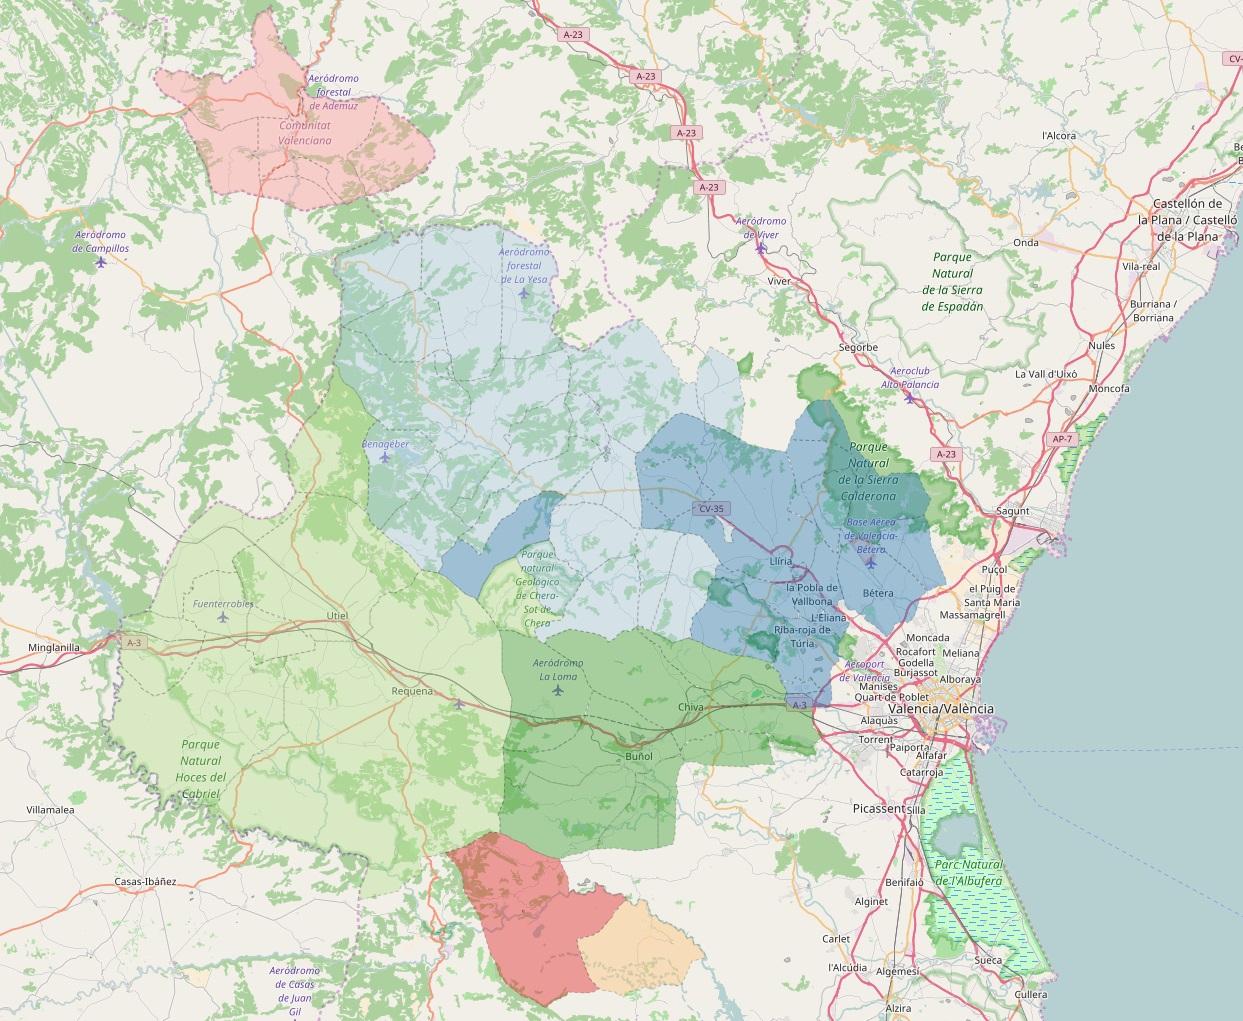 Mapa con el área geográfica de cobertura del Consorcio Valencia Interior.